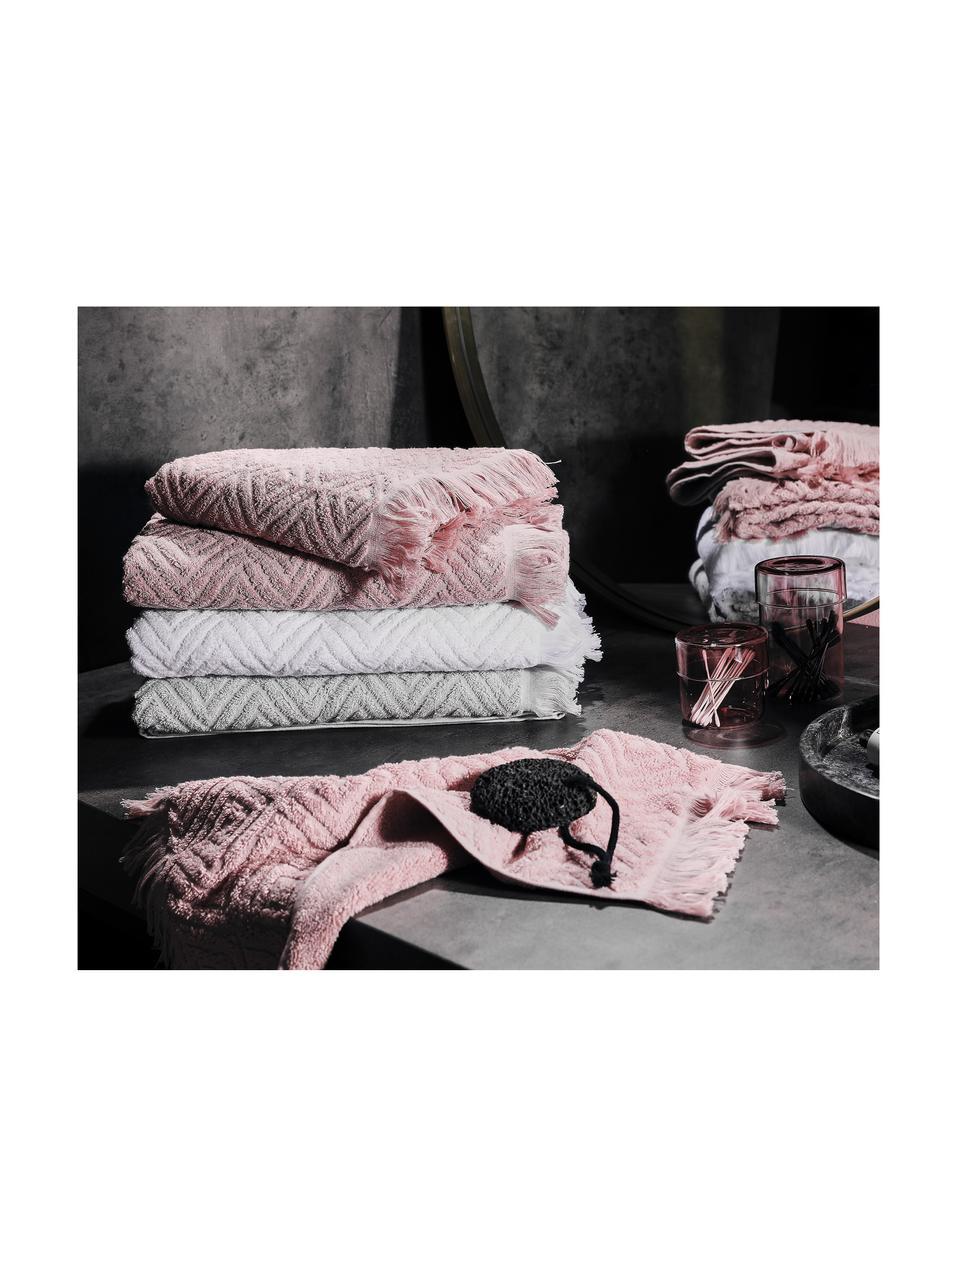 Handtuch-Set Jacqui mit Hoch-Tief-Muster, 3-tlg., Weiß, Sondergrößen